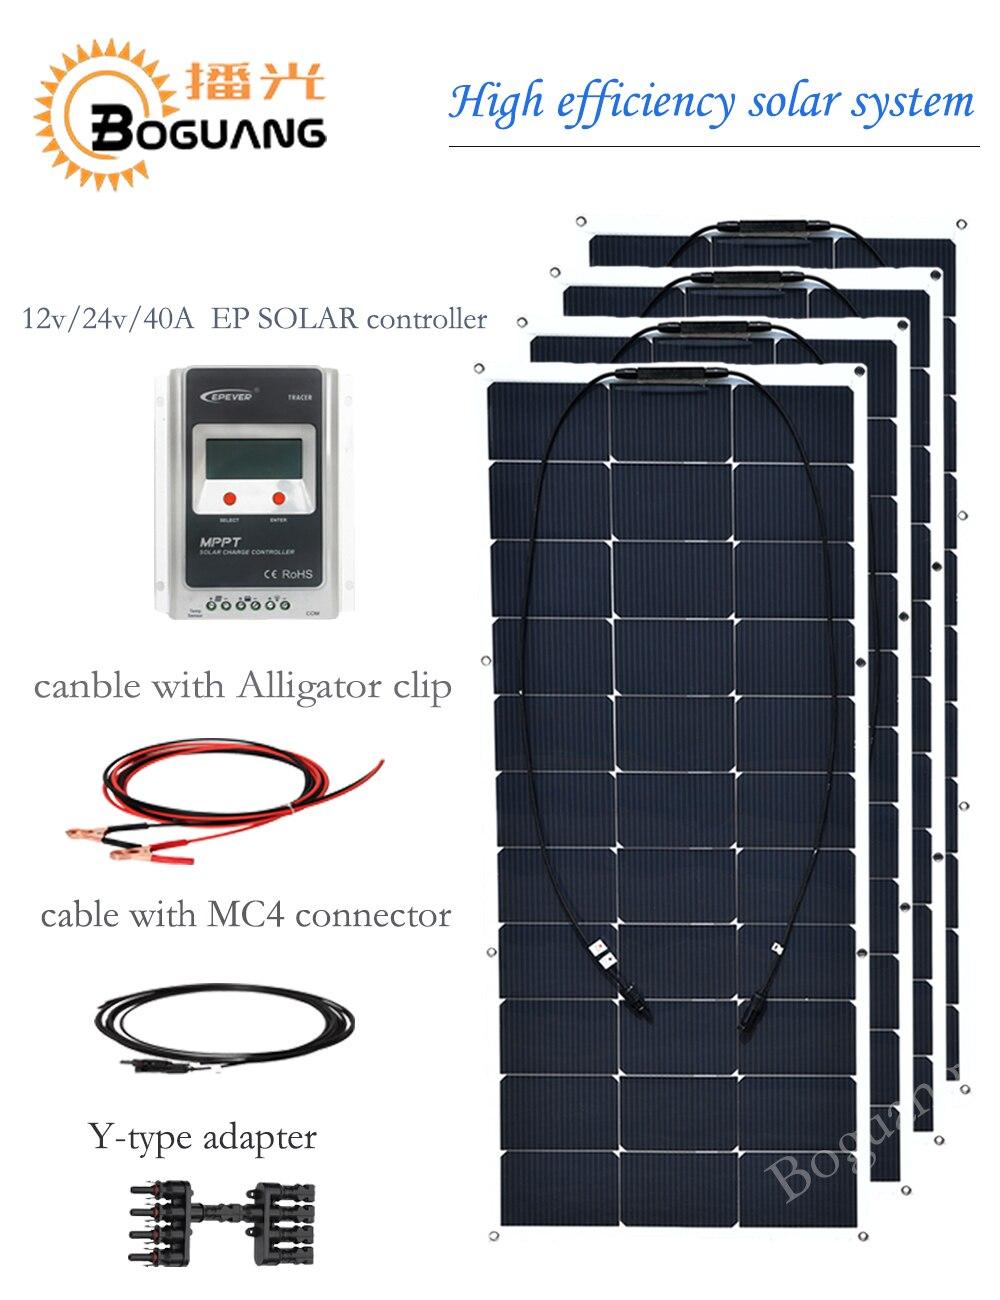 Boguang 100w flexible solar panel 400w solar system 40A EPSOLAR controller DIY kit module cell for RV car LED light 12v battery 550mm 30m solar cell eva sheet for diy solar module